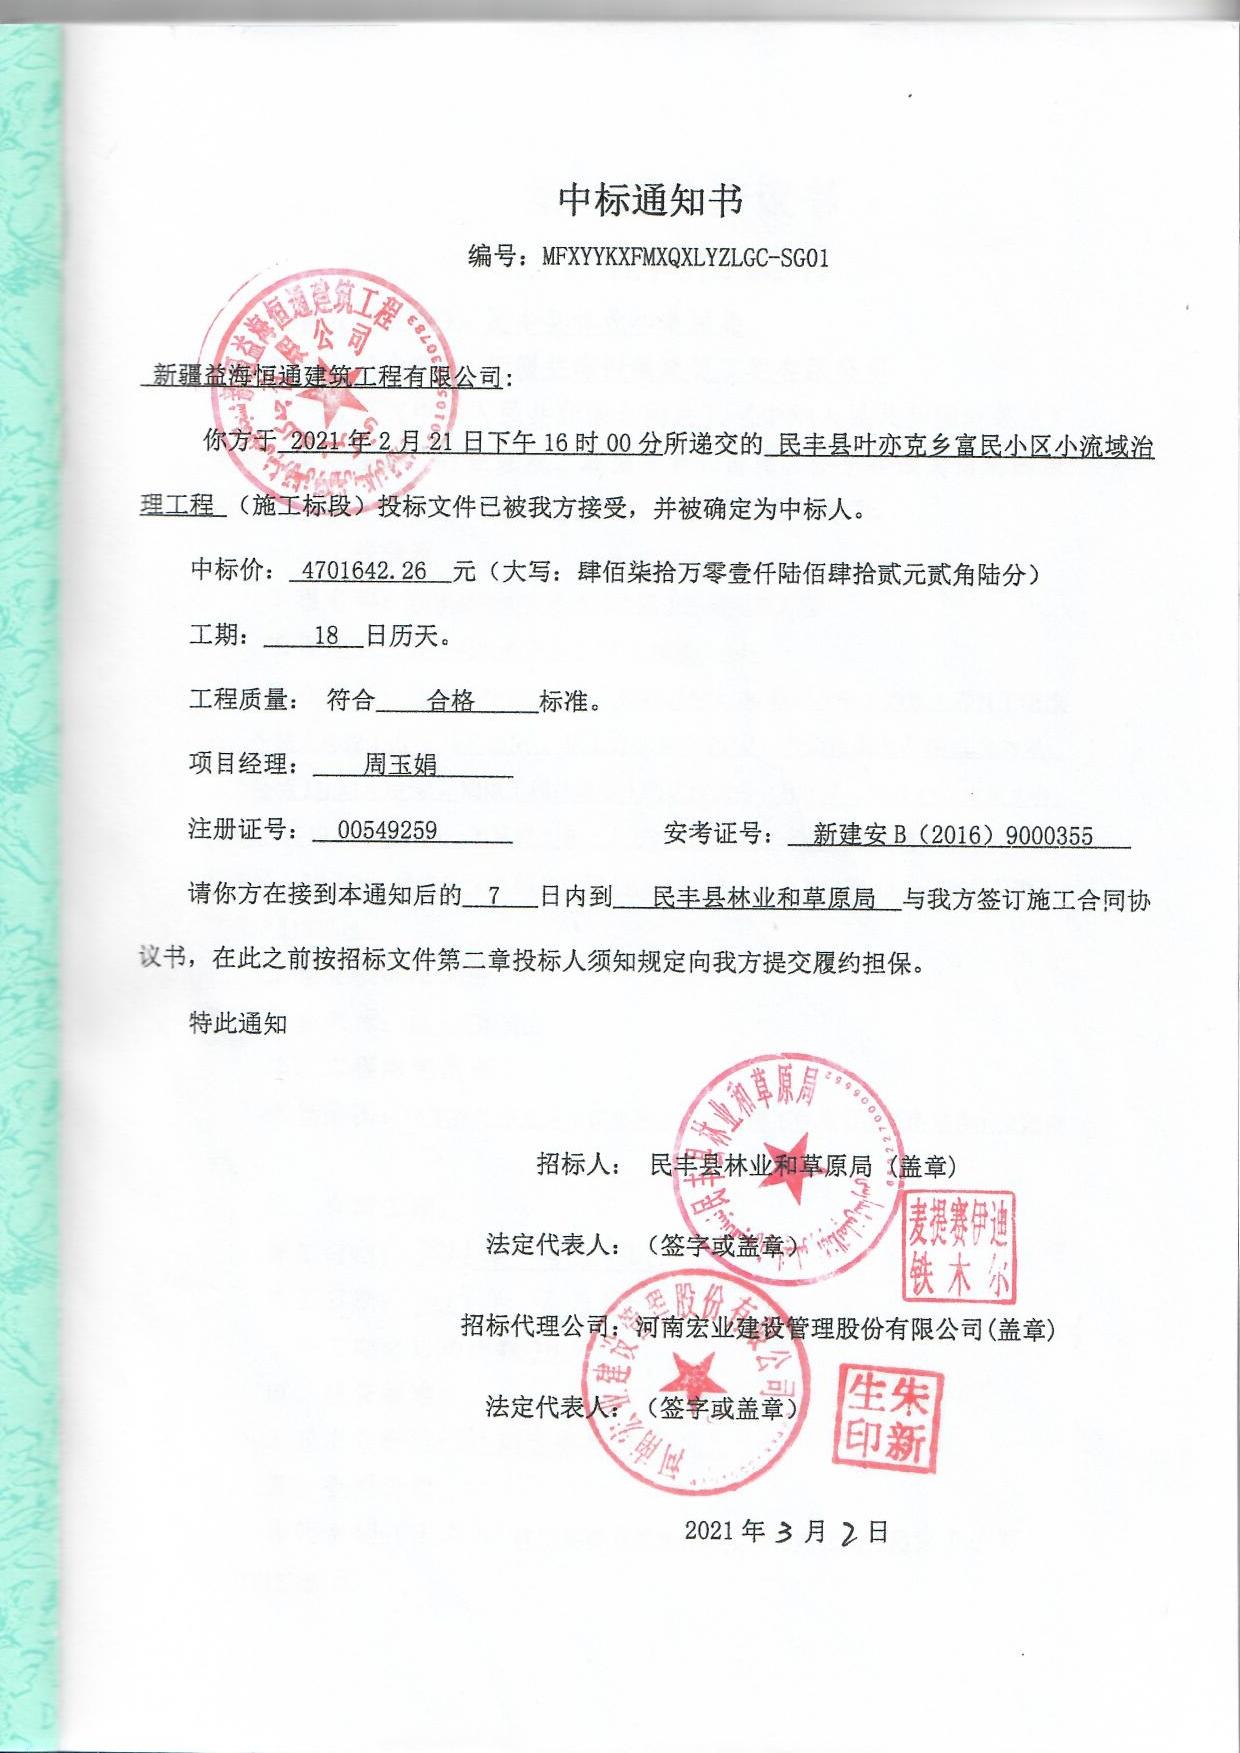 民丰县叶亦克乡富民小区小流域治理工程——周玉娟